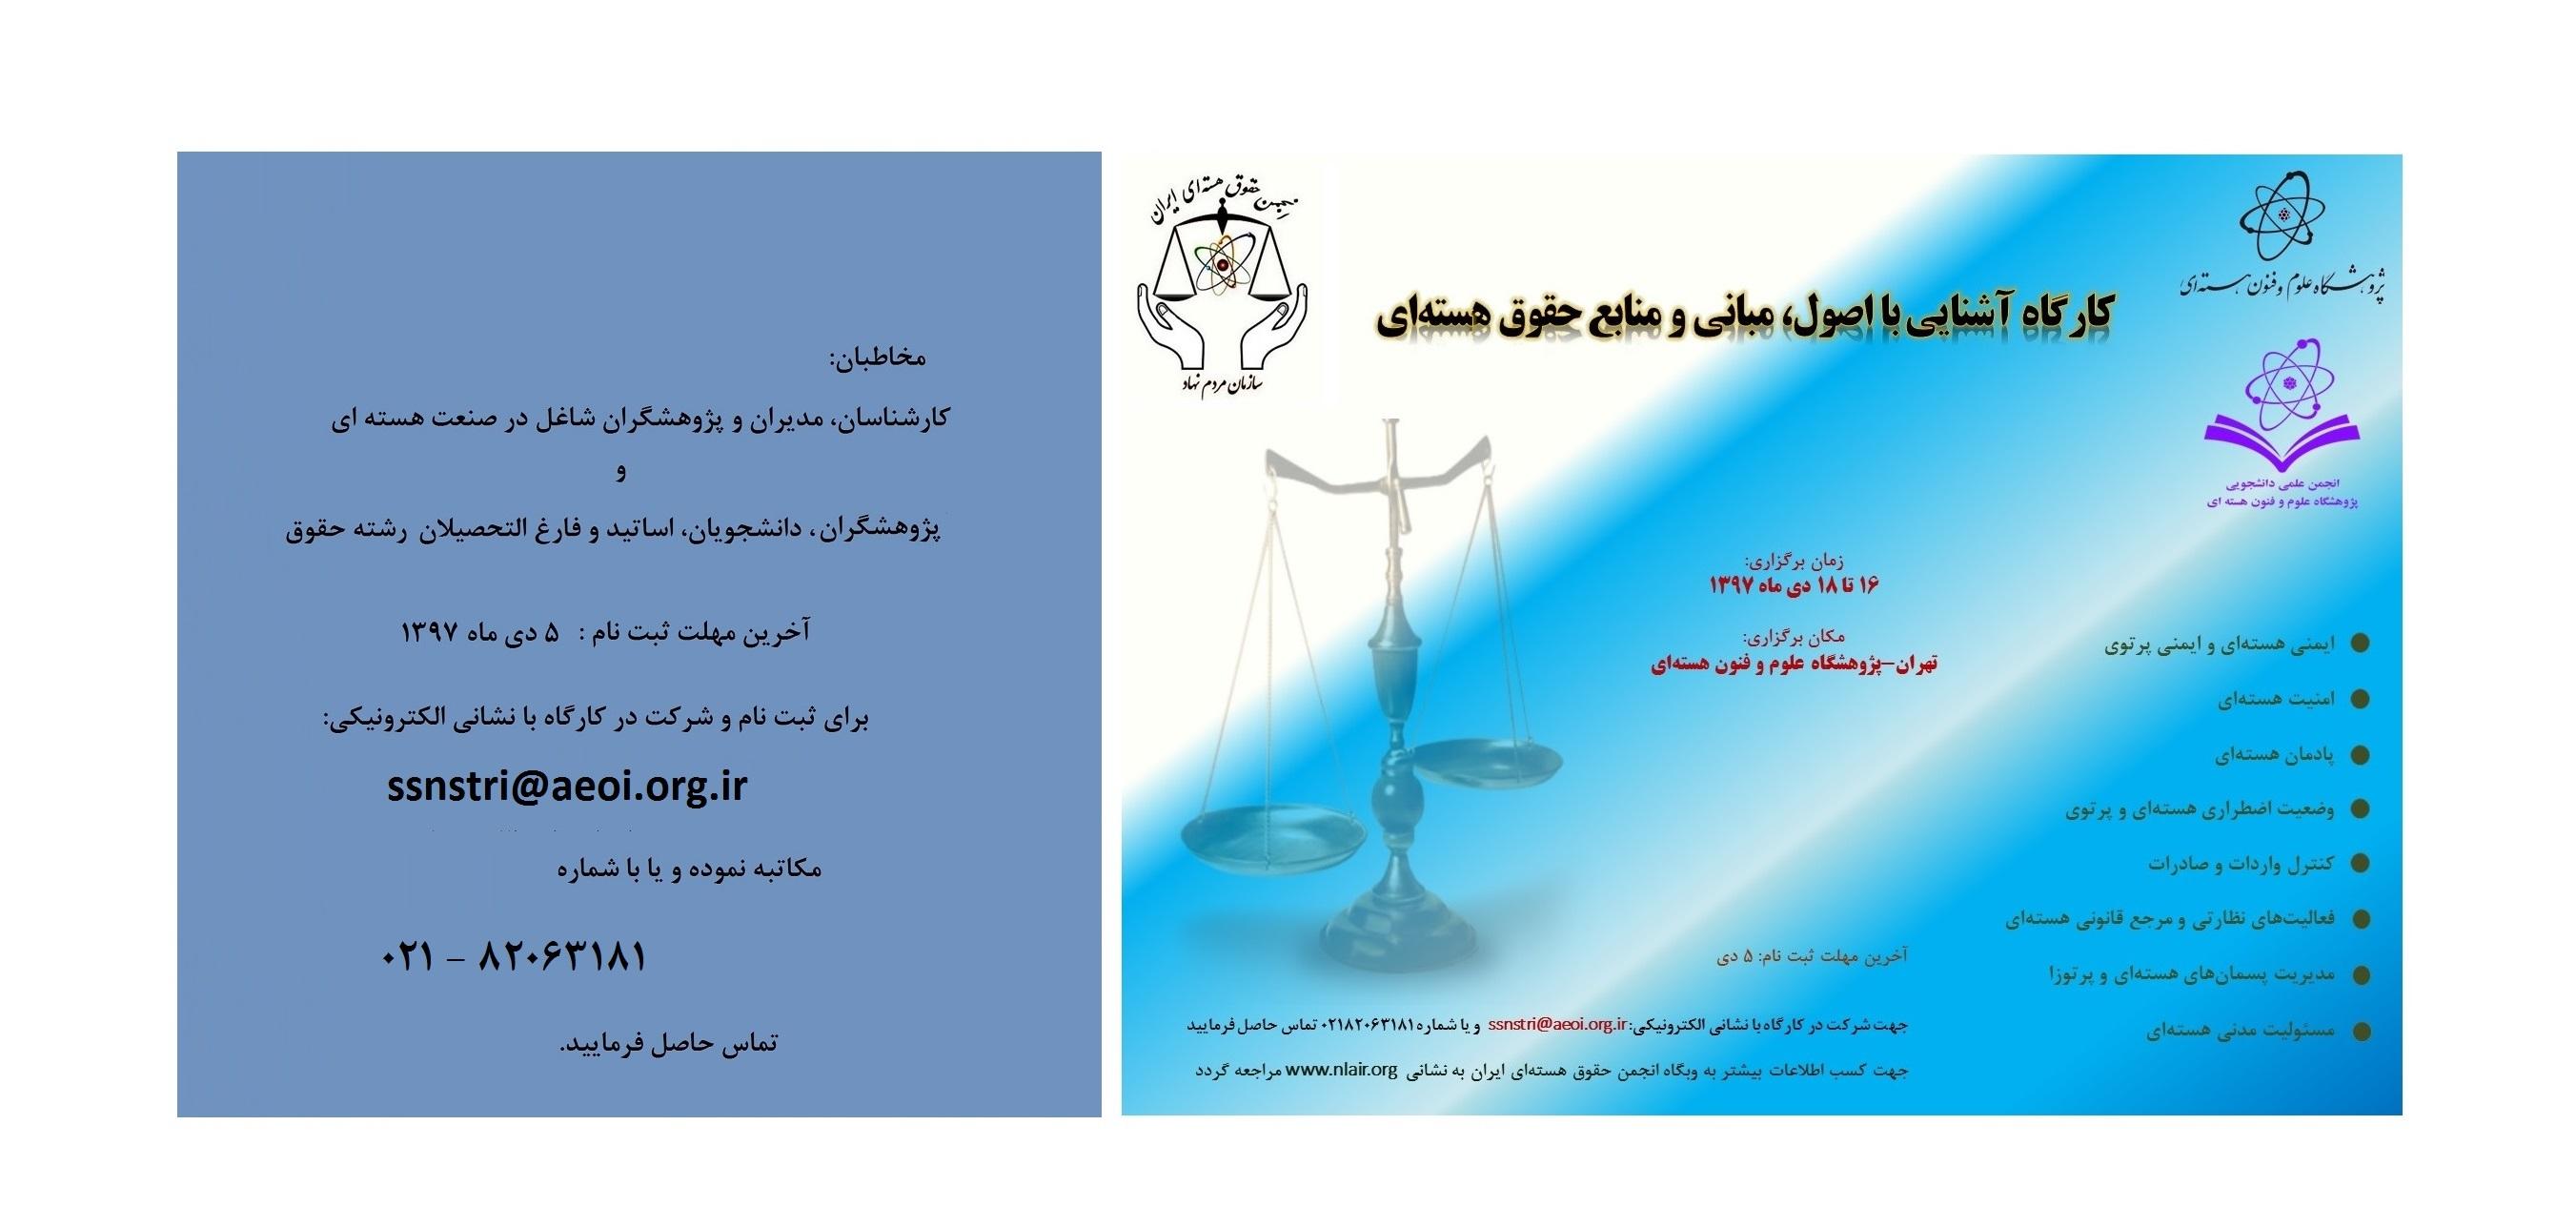 کارگاه آشنایی با  اصول، مبانی و منابع حقوق هسته ای